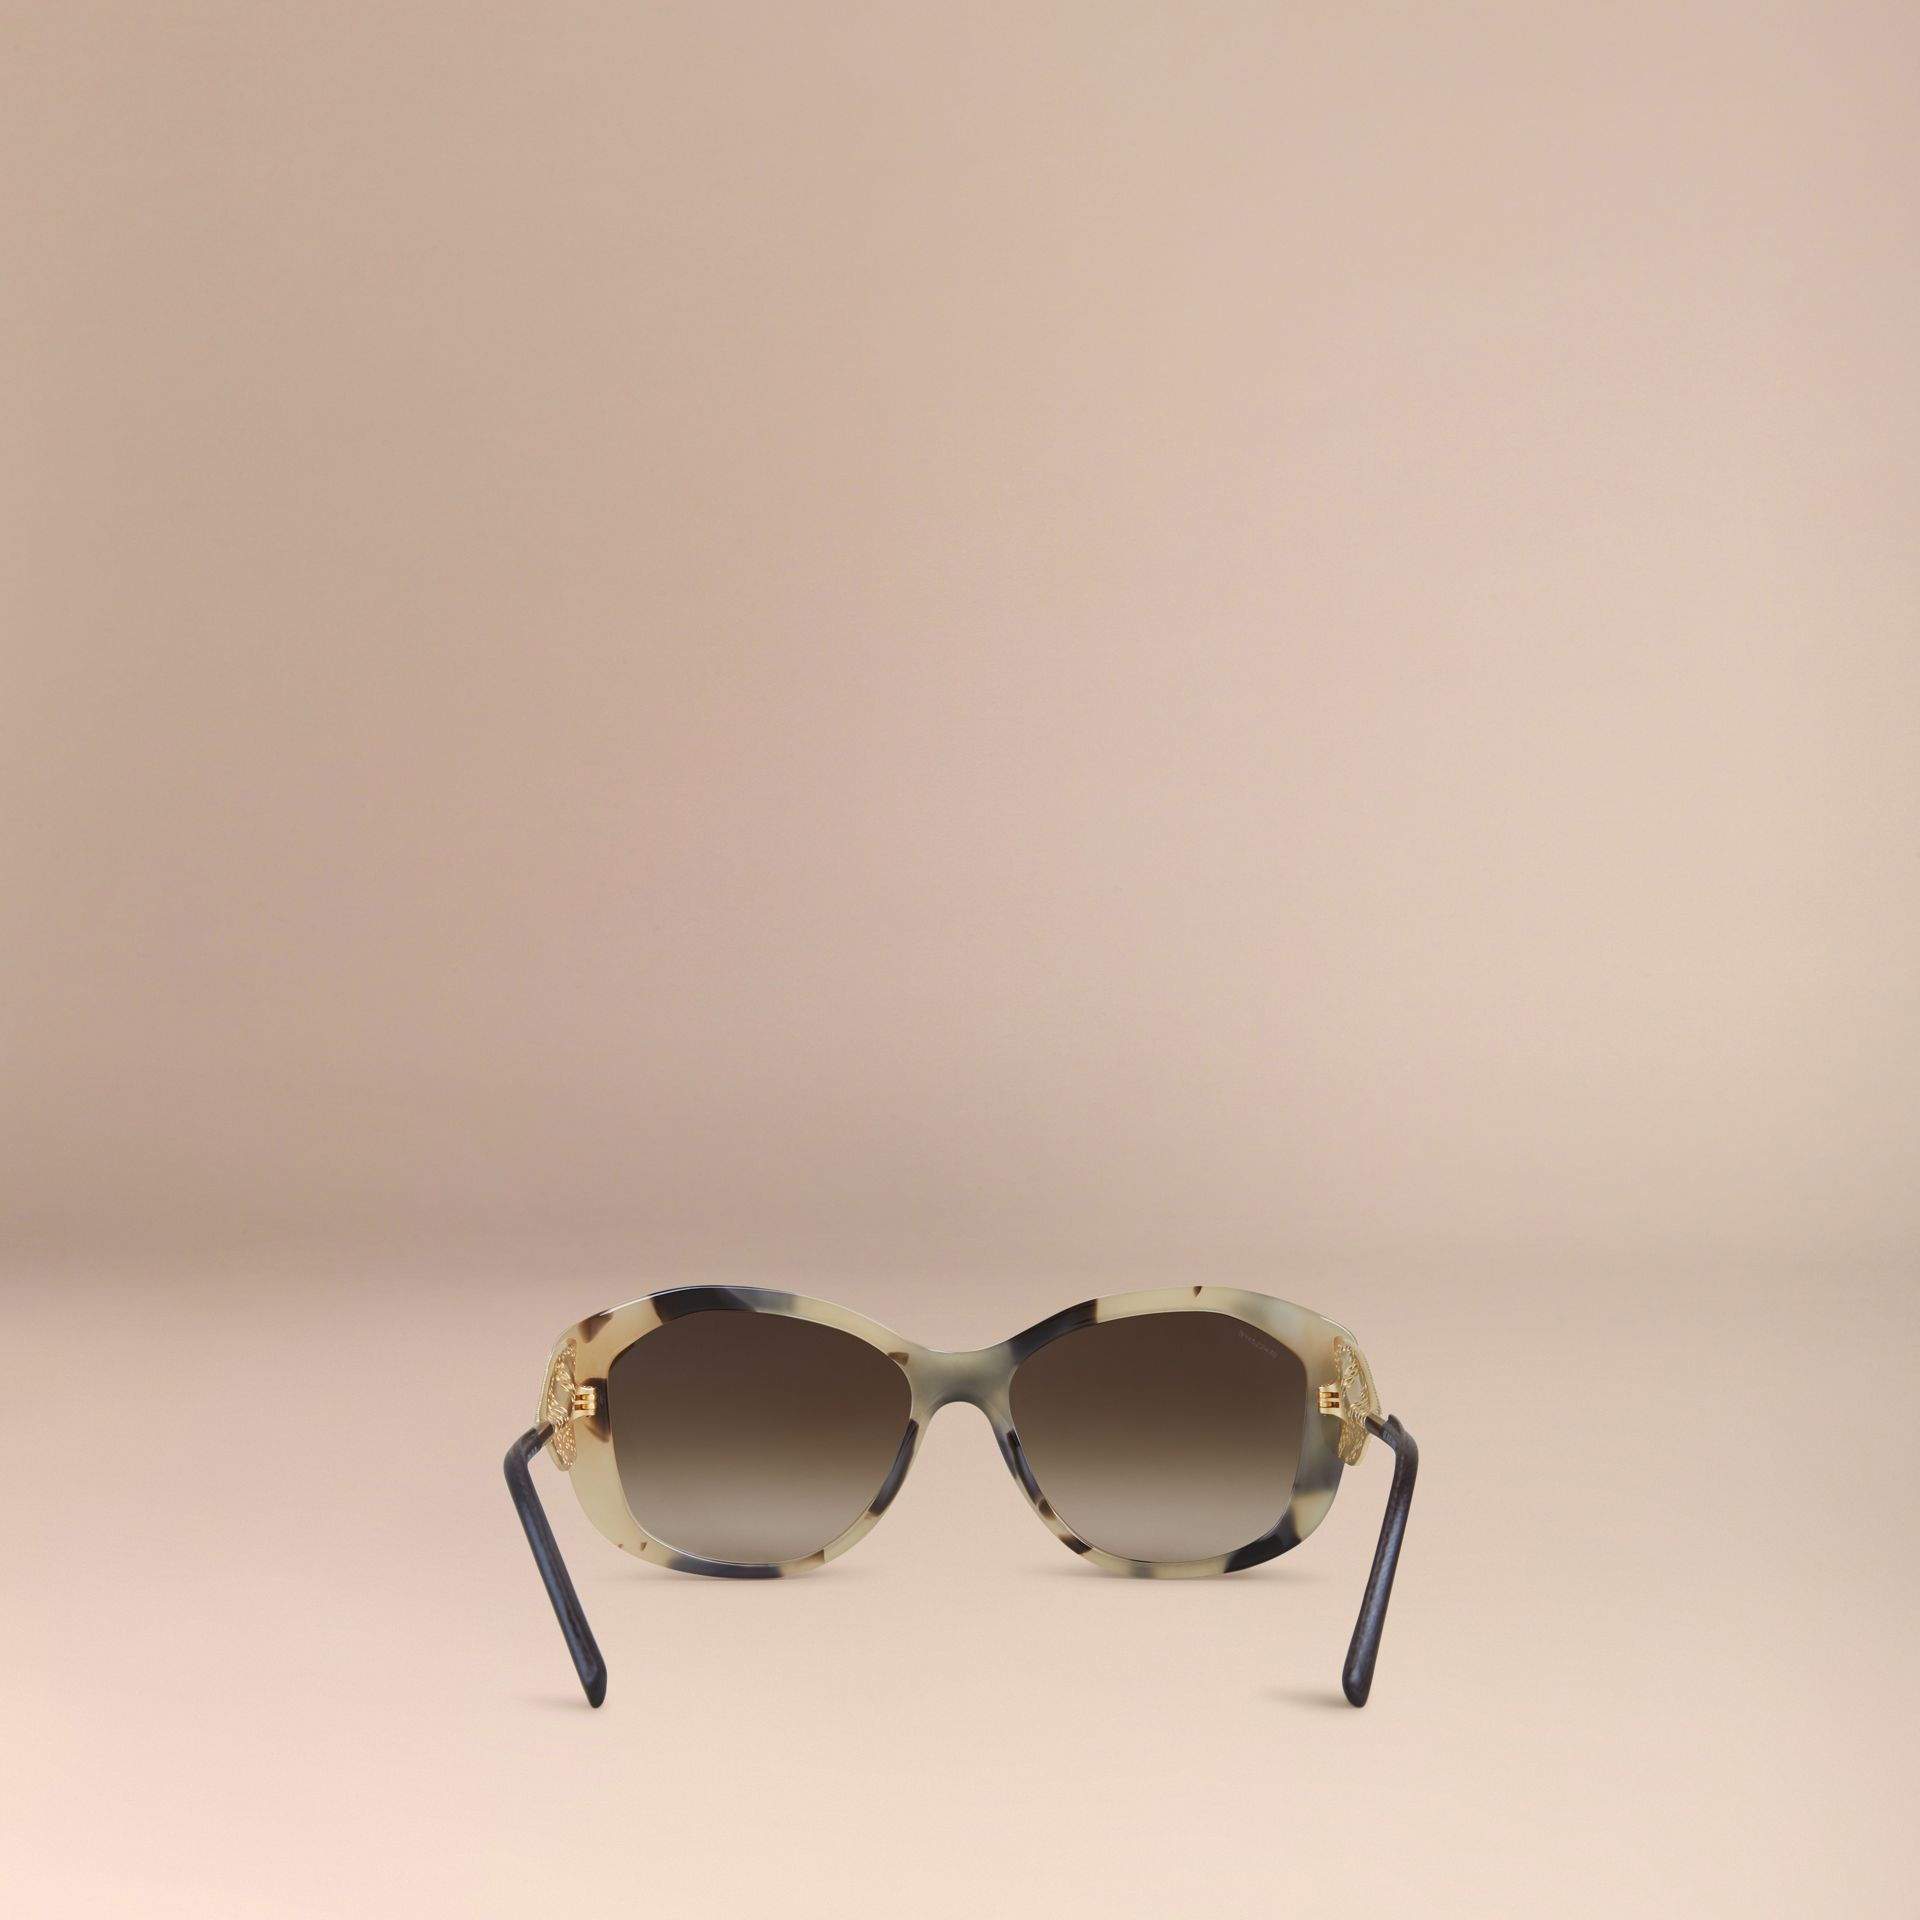 Tartarugato tonalità media Occhiali da sole con montatura quadrata collezione Pizzo di Gabardine Tartarugato Tonalità Media - immagine della galleria 3